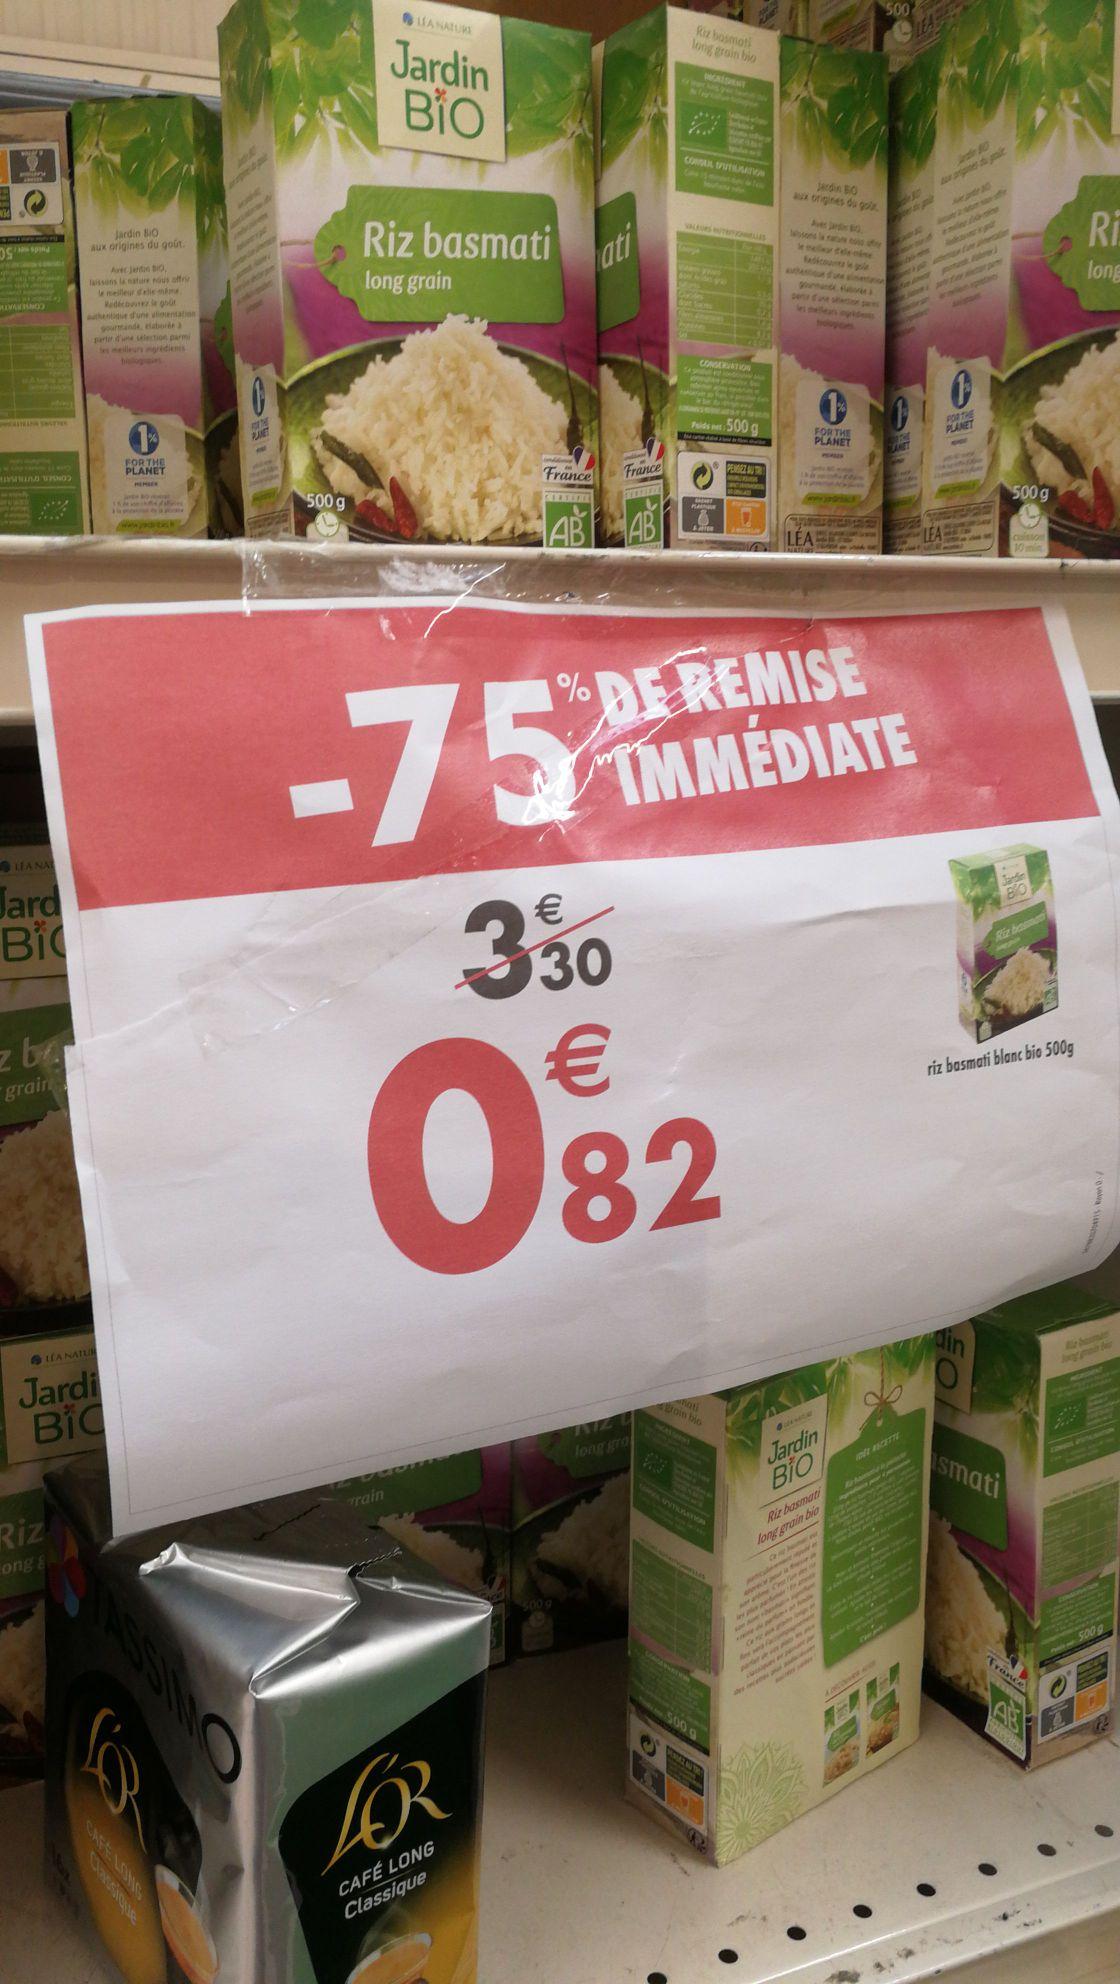 Paquet de riz Basmati Jardin Bio 500g - Champs-sur-Marne (77)